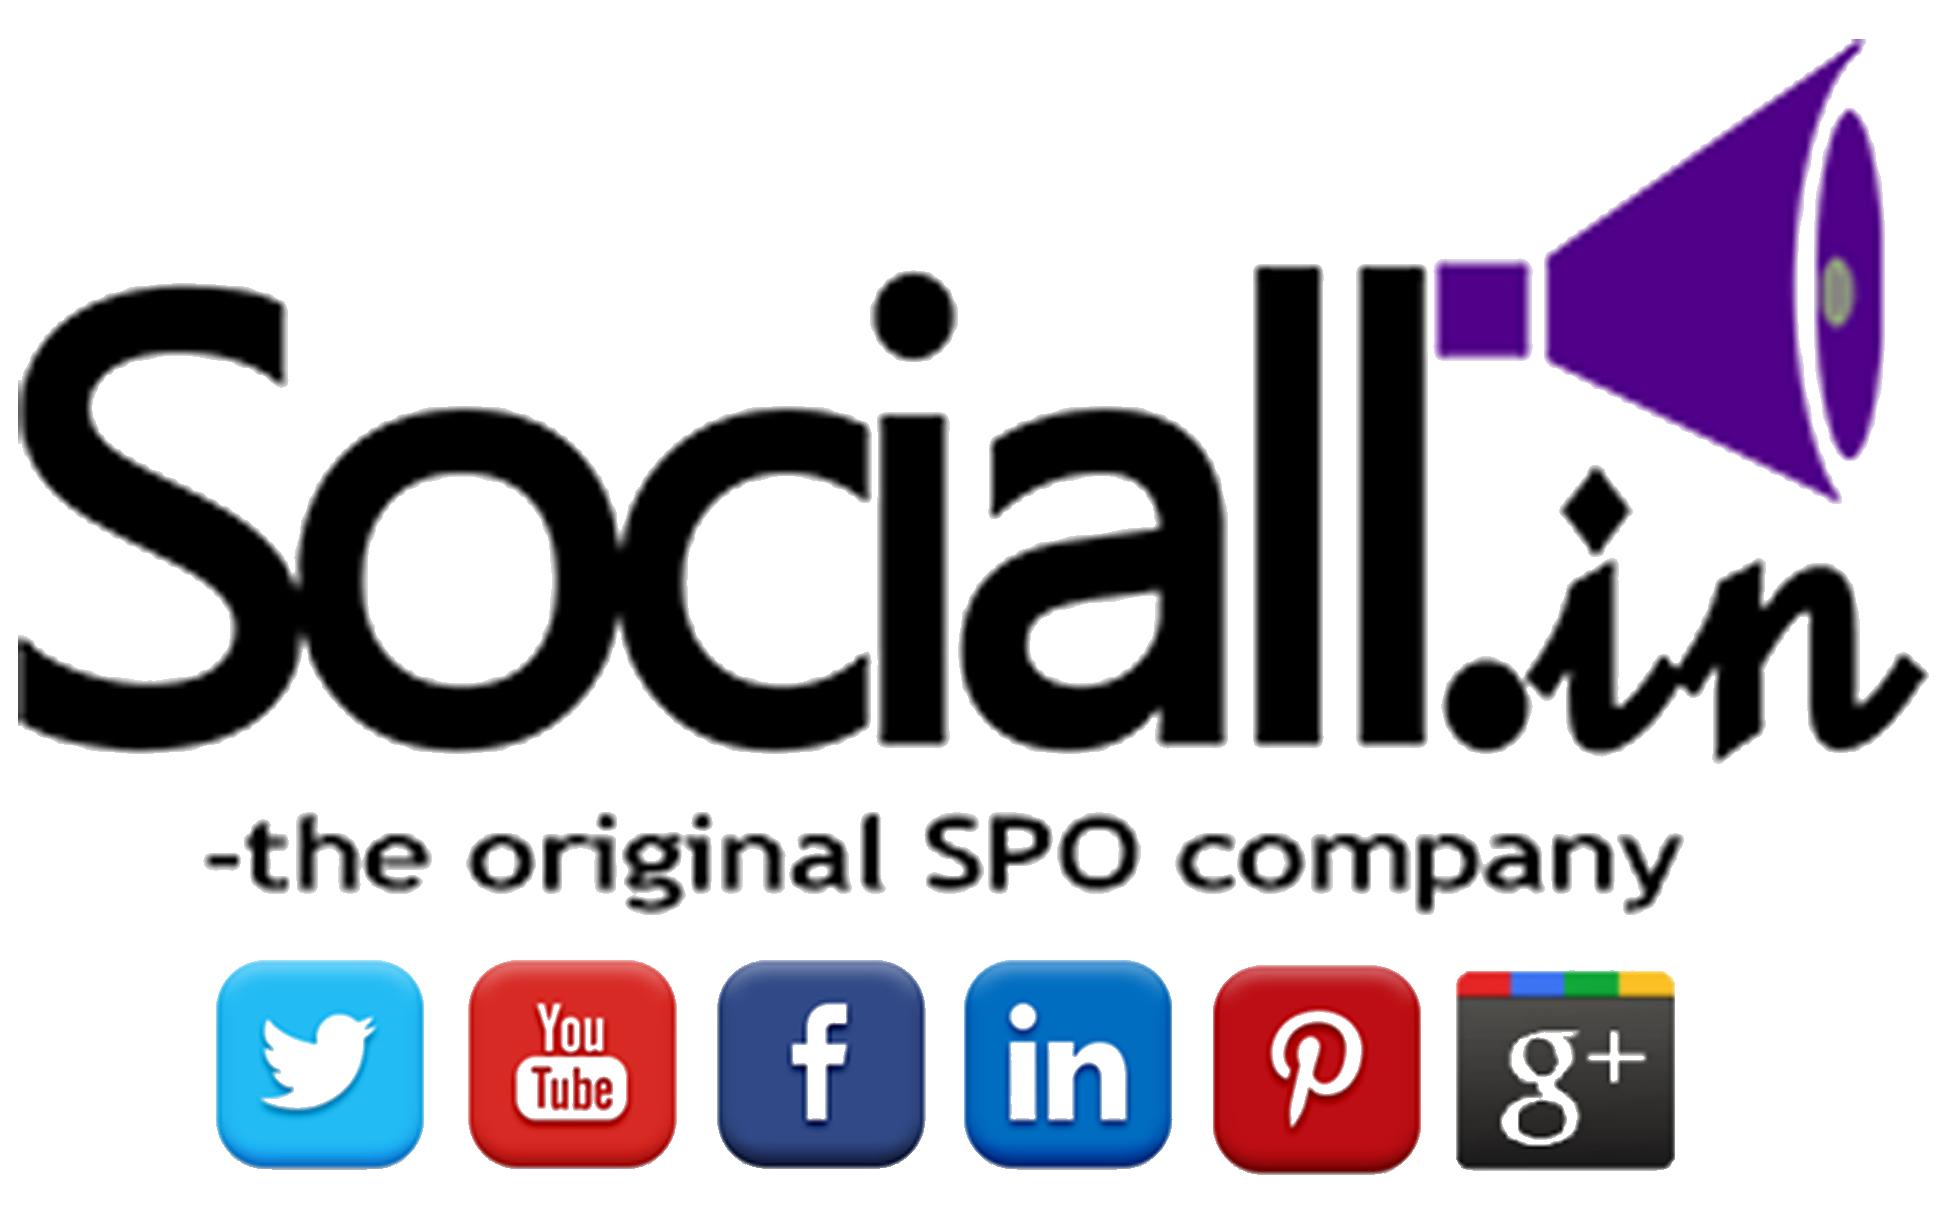 Sociall.in